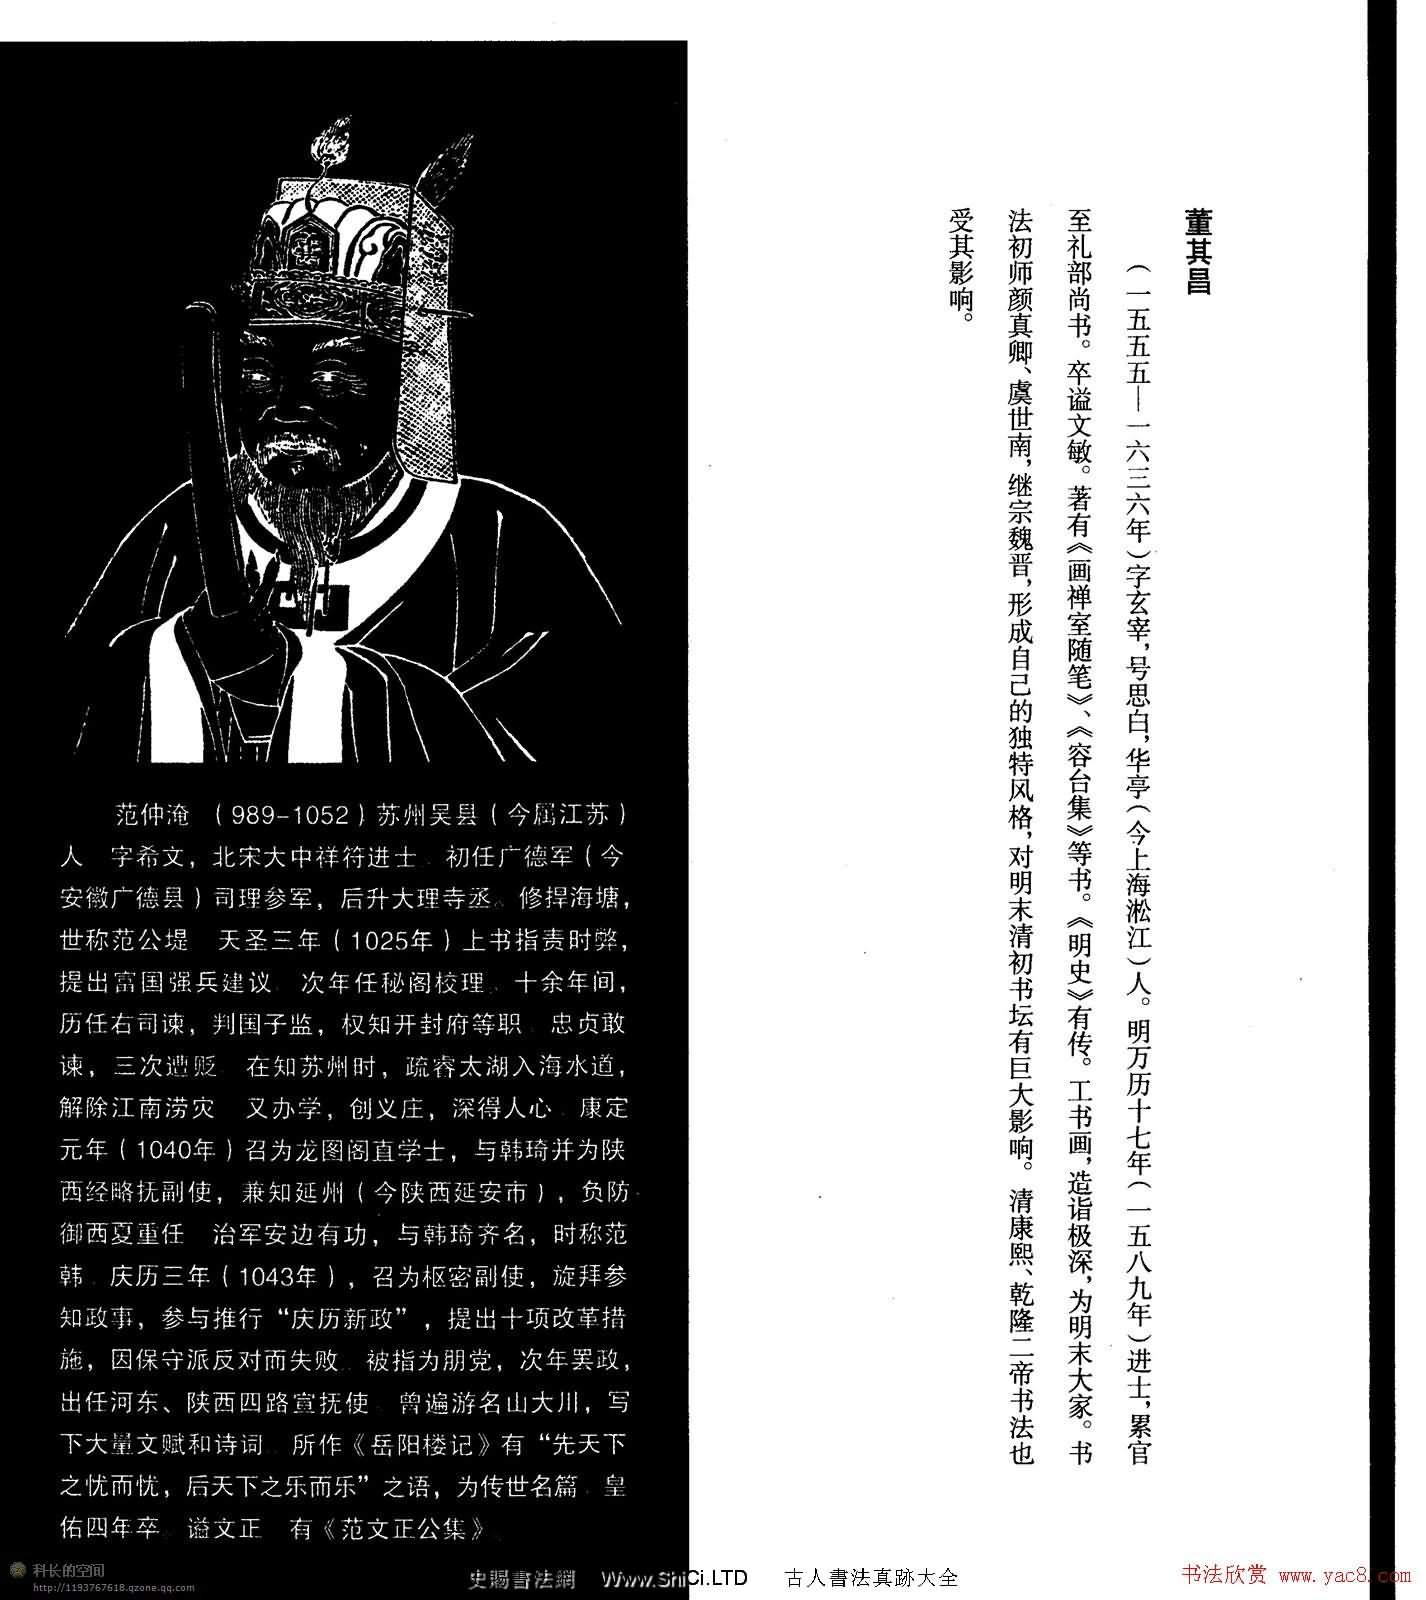 董其昌書法真跡欣賞行書字帖《岳陽樓記》(共10張圖片)